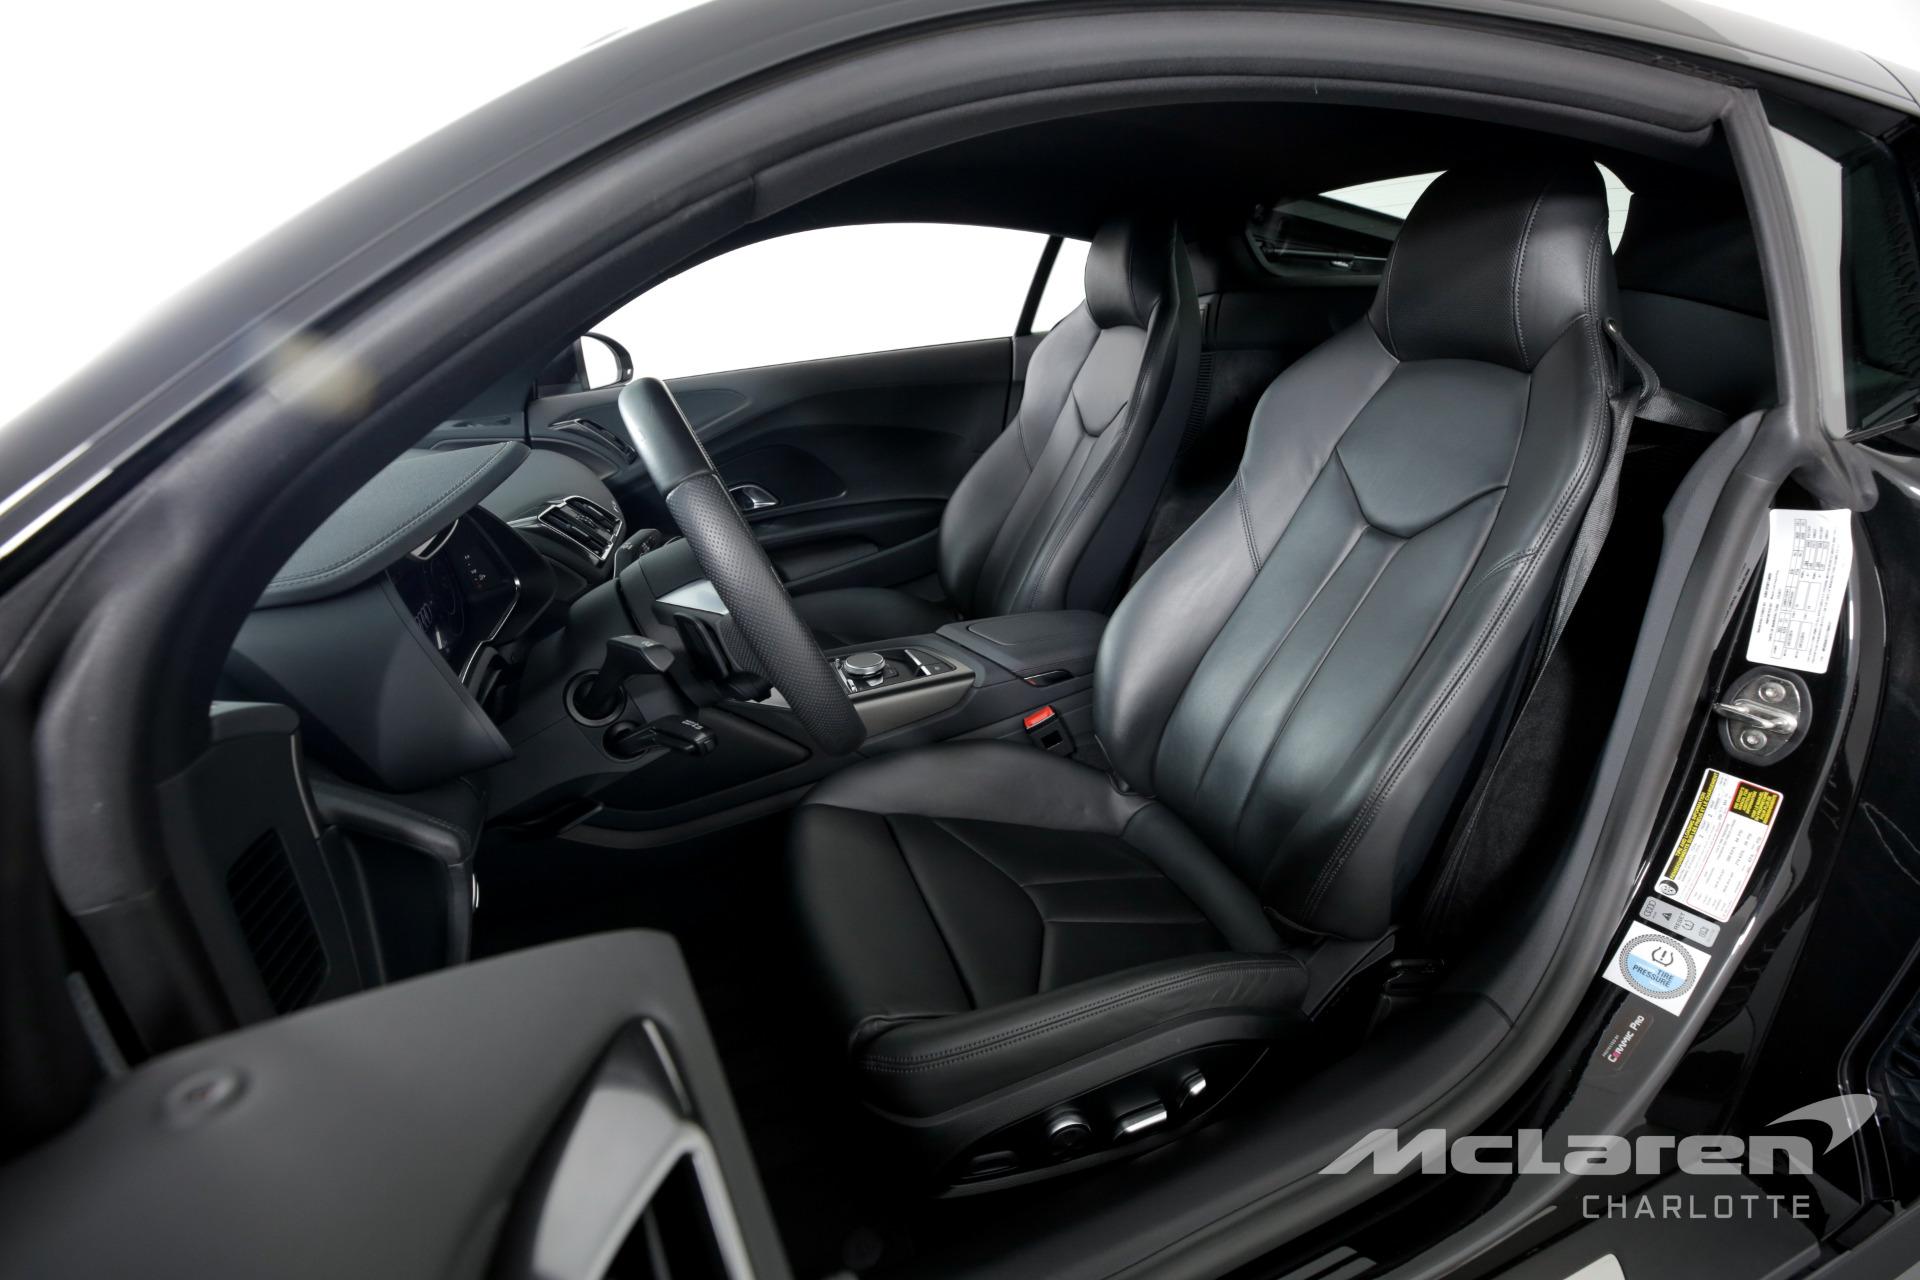 Used 2018 Audi R8 5.2 V10 RWS | Charlotte, NC